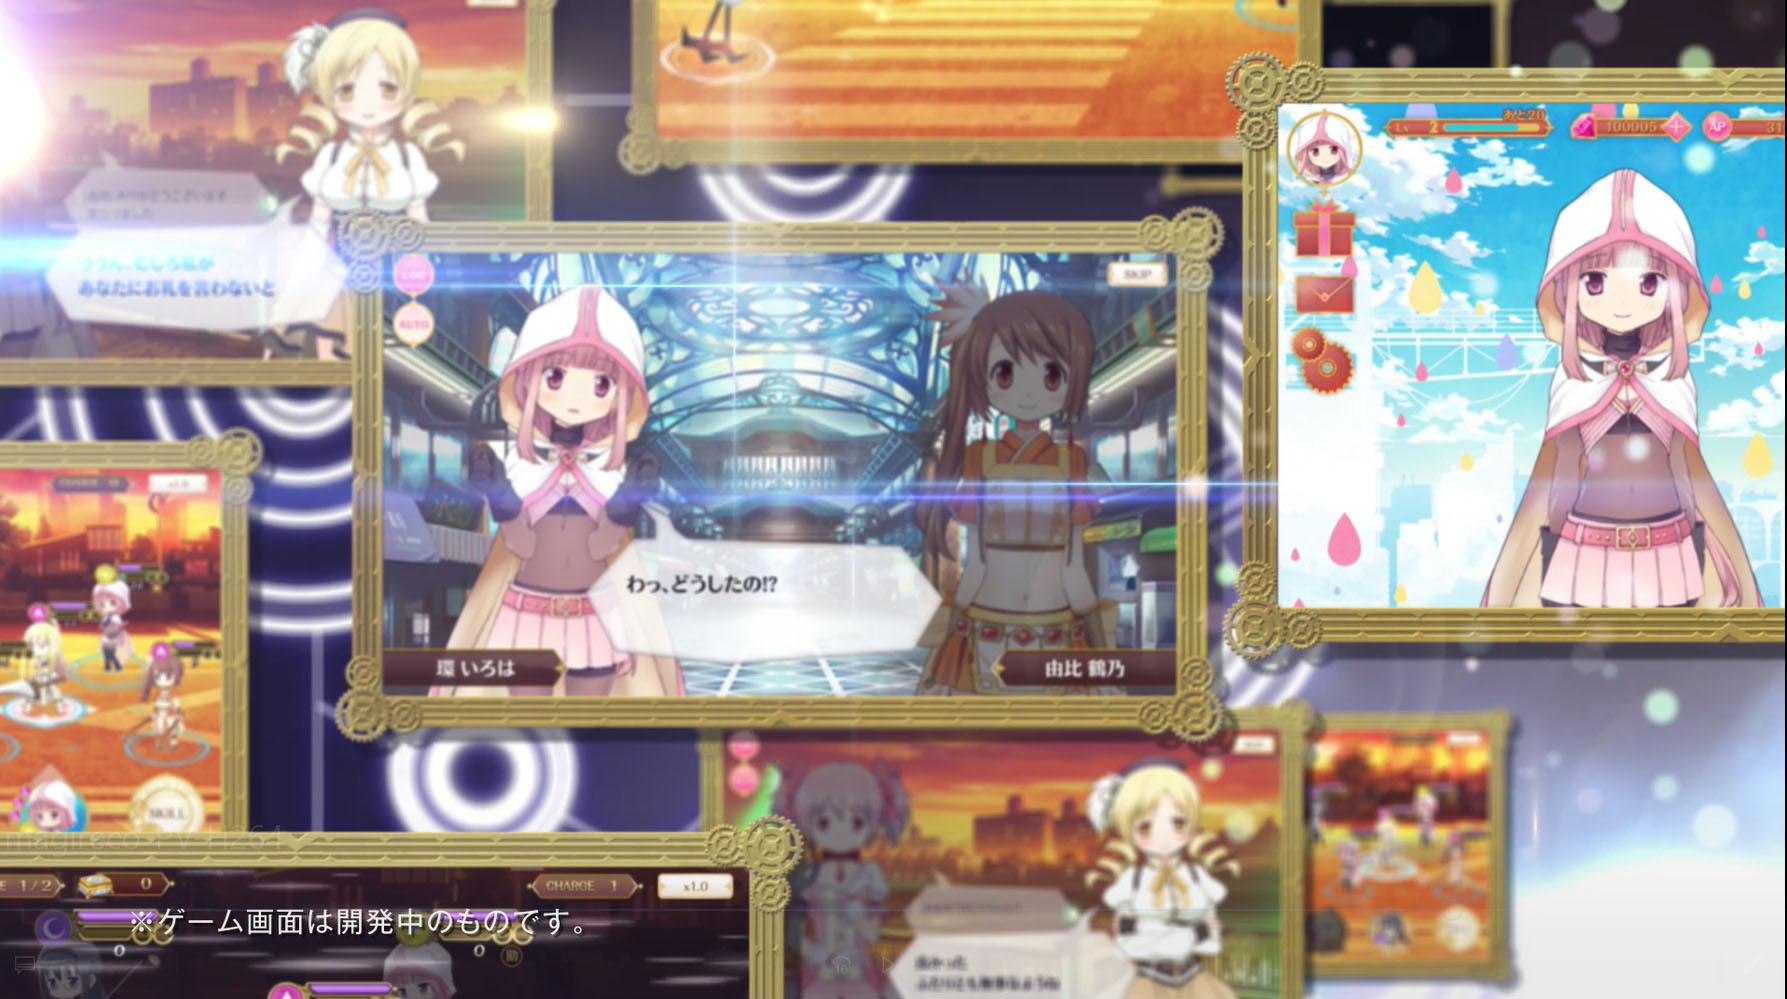 マギアレコード 魔法少女まどか☆マギカ外伝の画像 p1_25